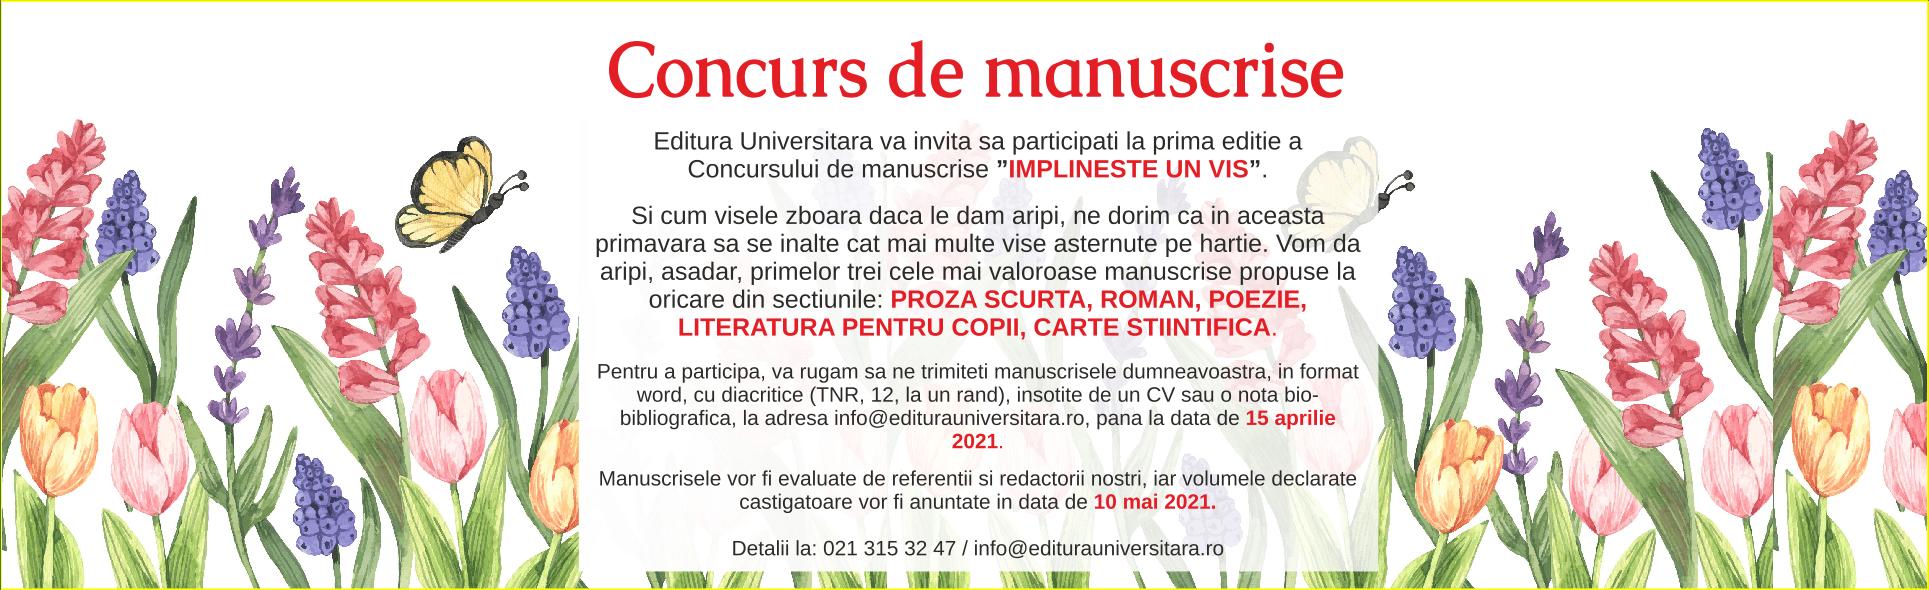 Concurs de manuscrise - 2